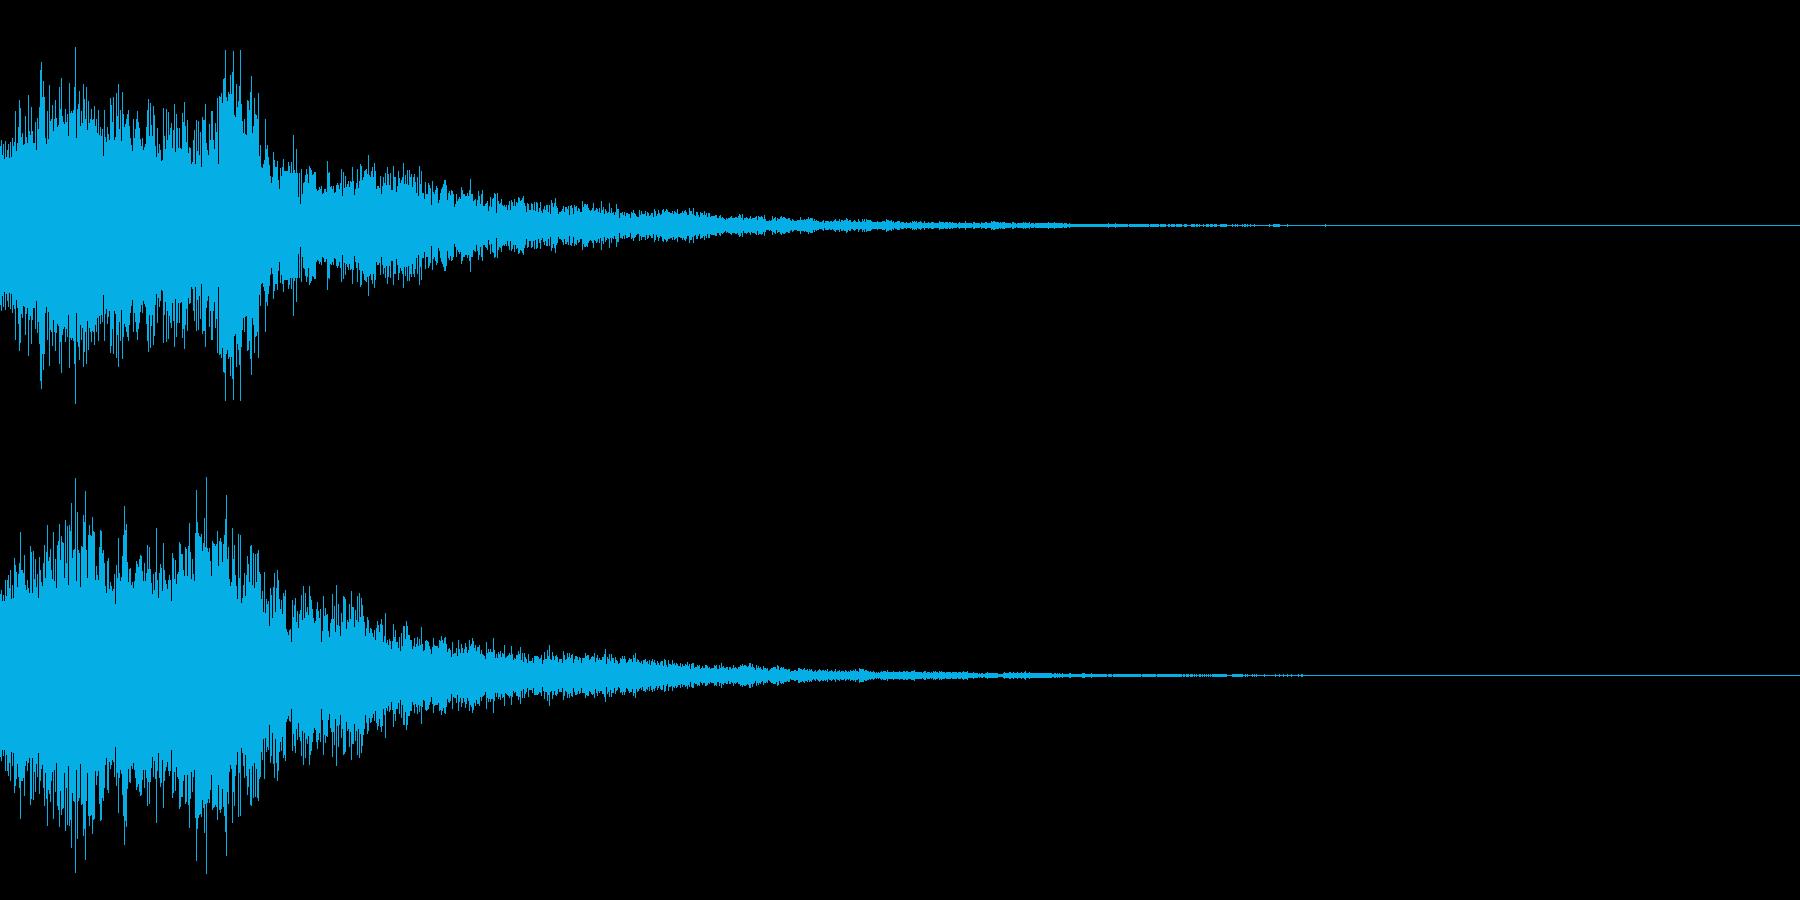 和風シャキーン(テロップ,オリンピック)の再生済みの波形